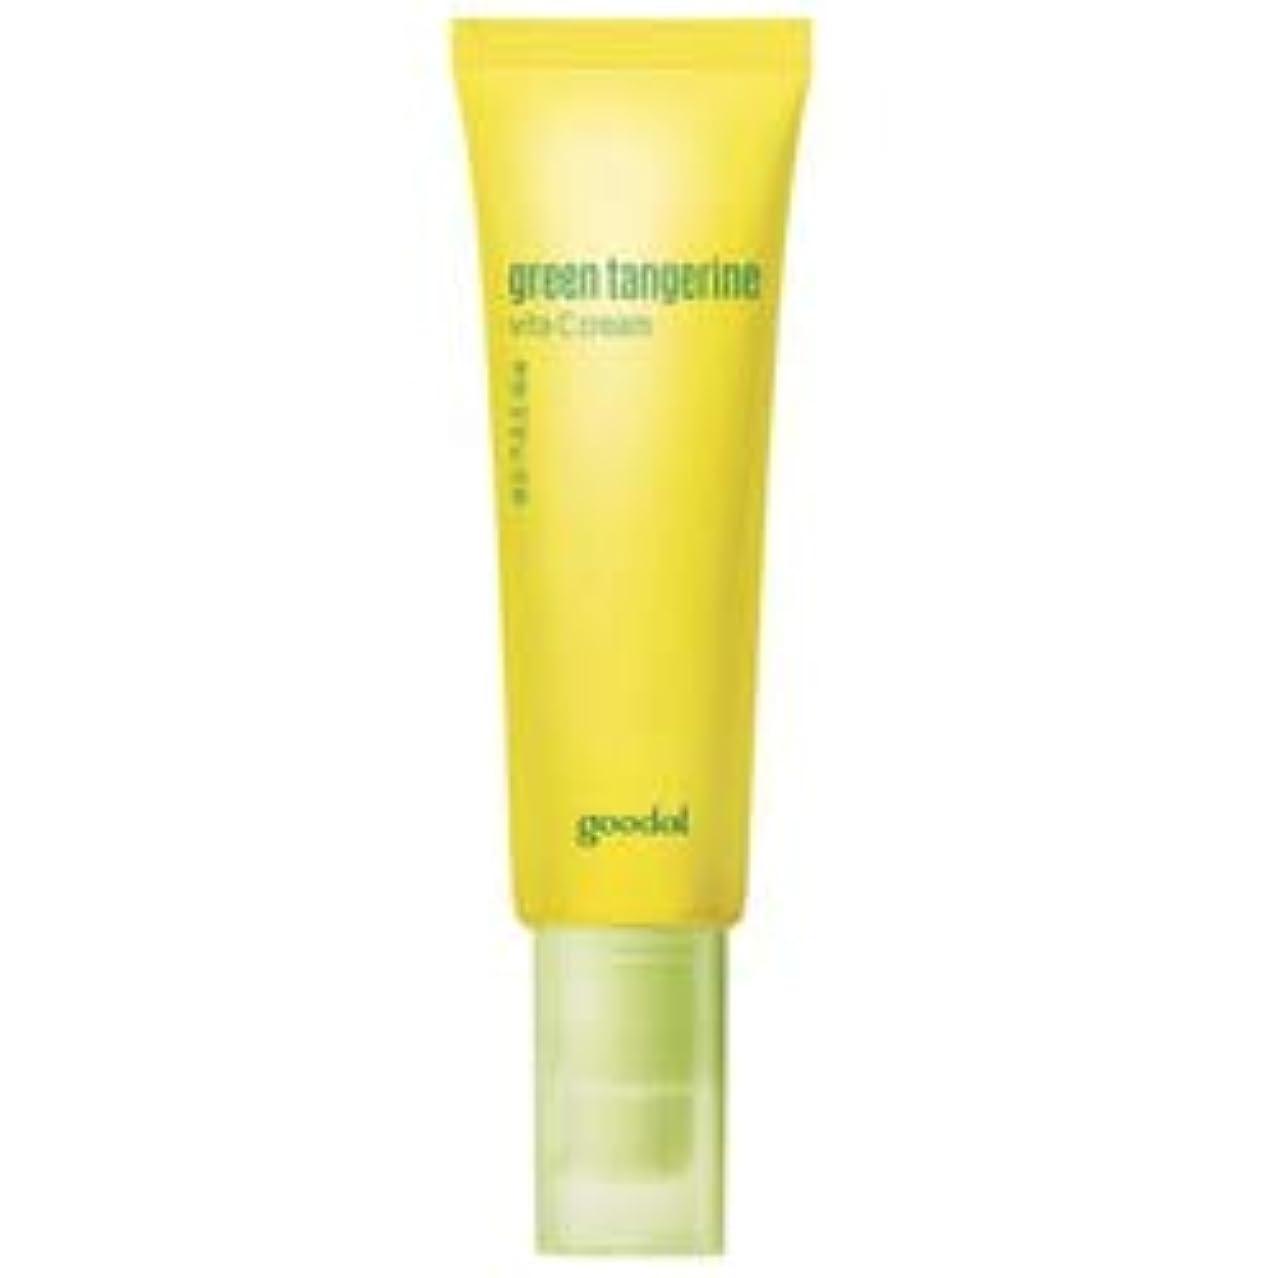 変化ピグマリオン静的[goodal] Green Tangerine Vita C cream 50ml / [グーダル]タンジェリン ビタC クリーム 50ml [並行輸入品]